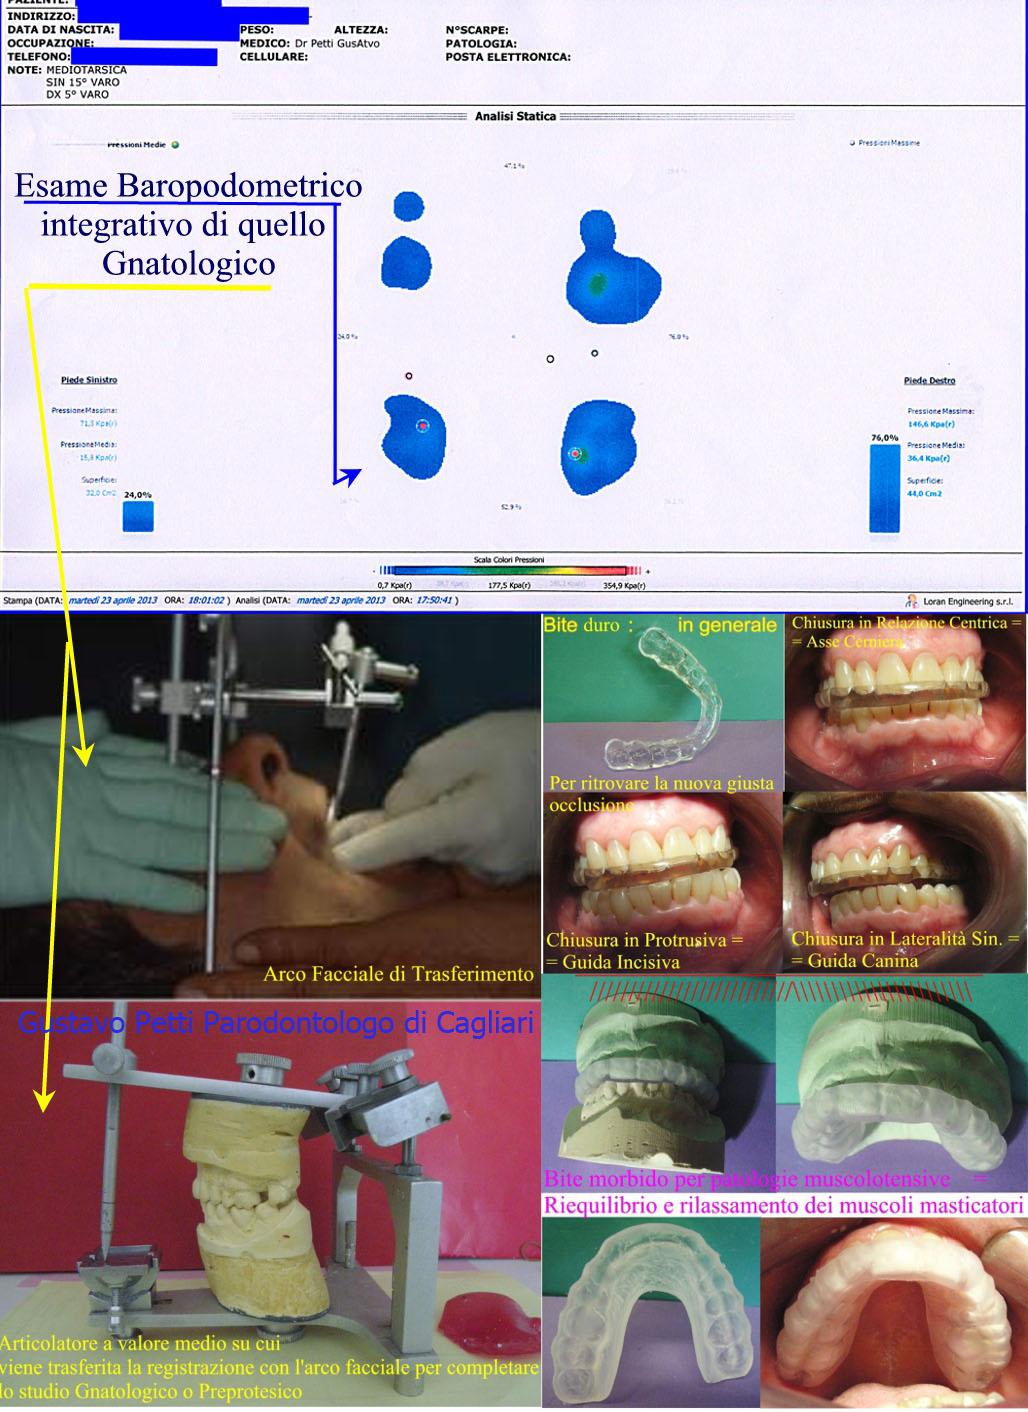 gnatologia-dr-g.petti-cagliari-9.jpg